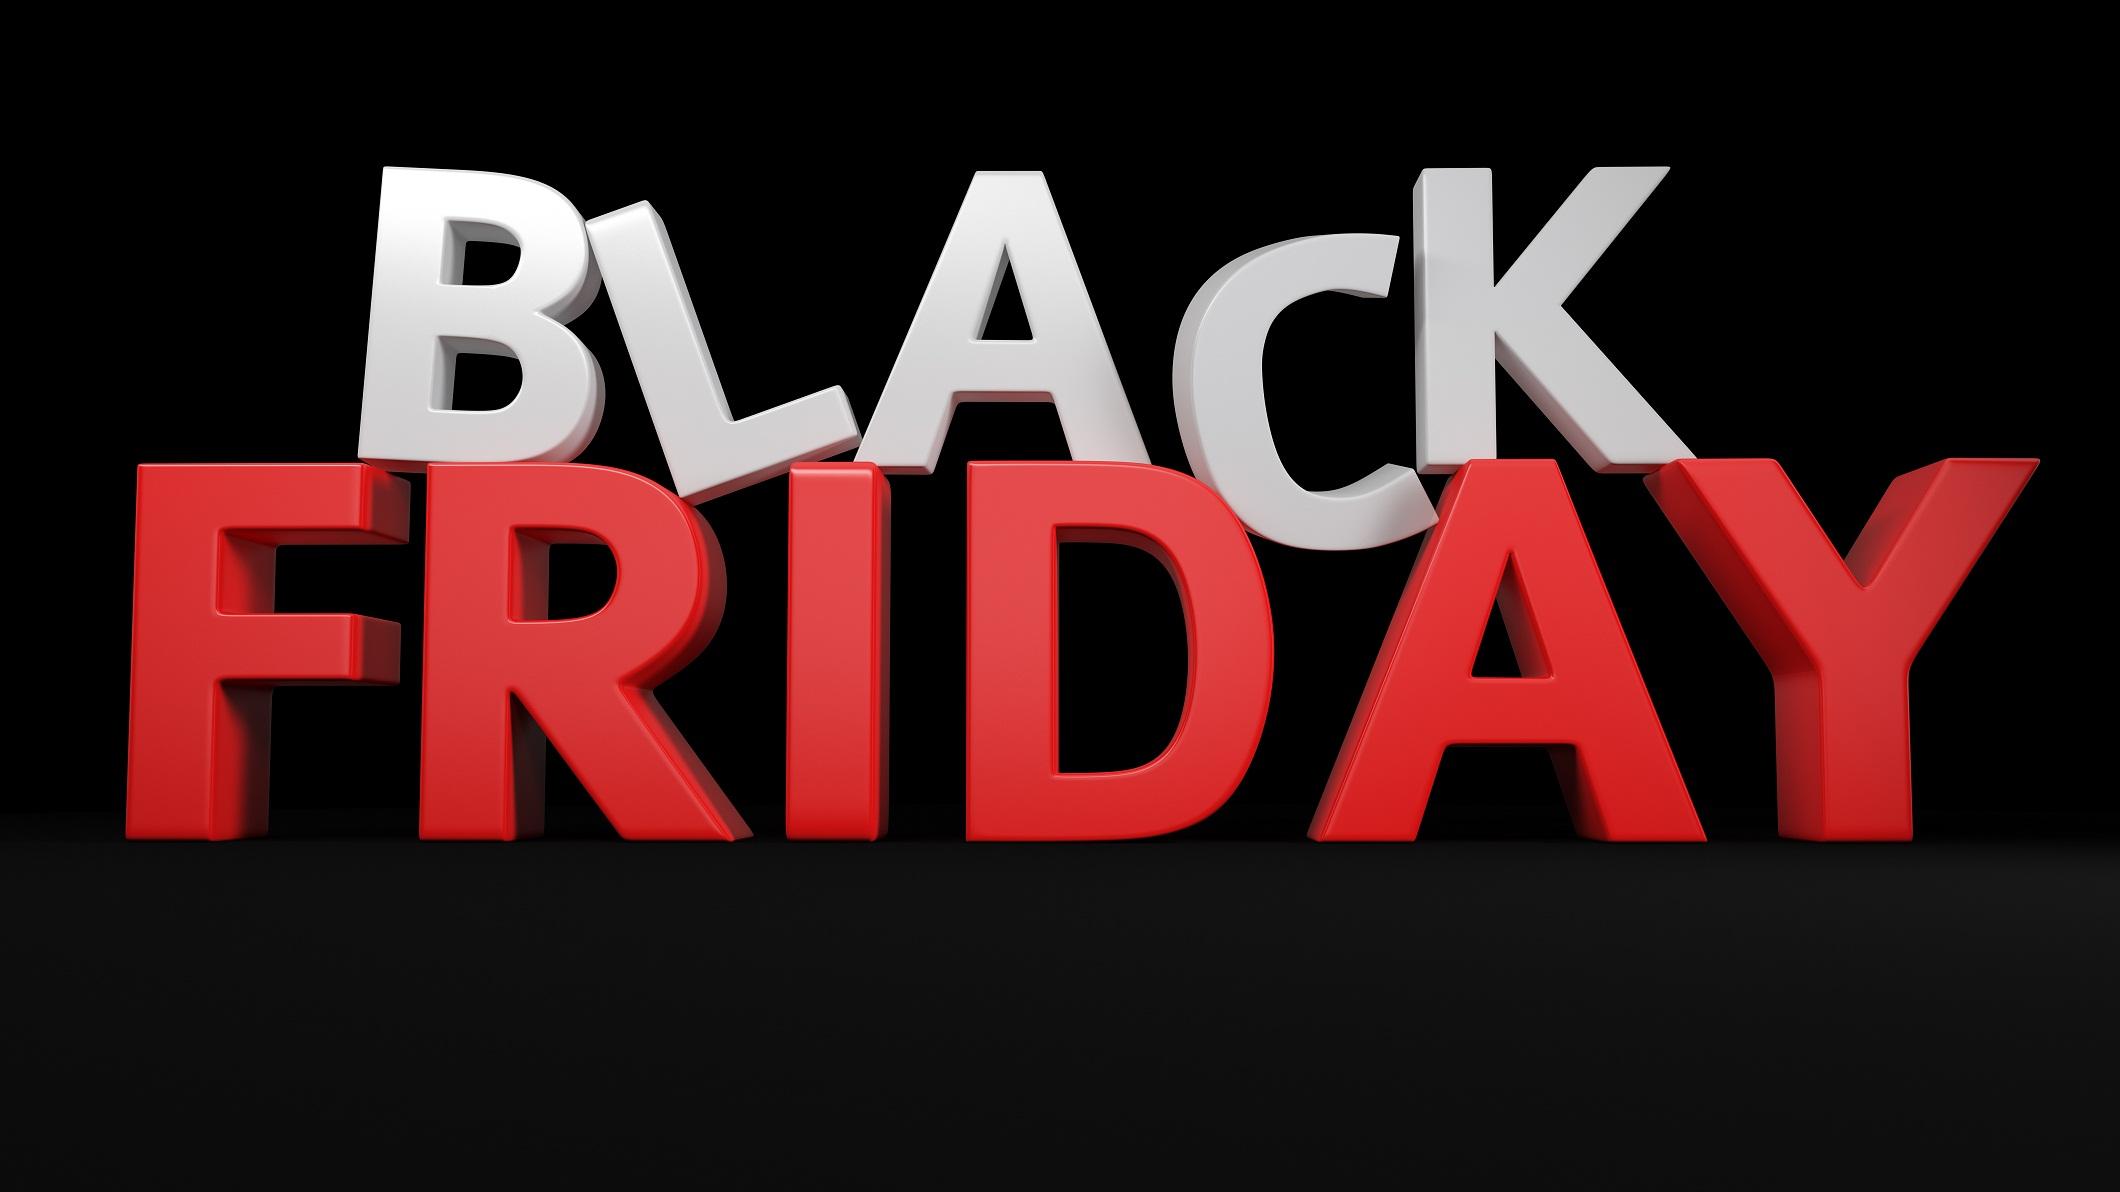 Black Friday Logo Wallpaper HD Wallpaper Fix 2120x1192